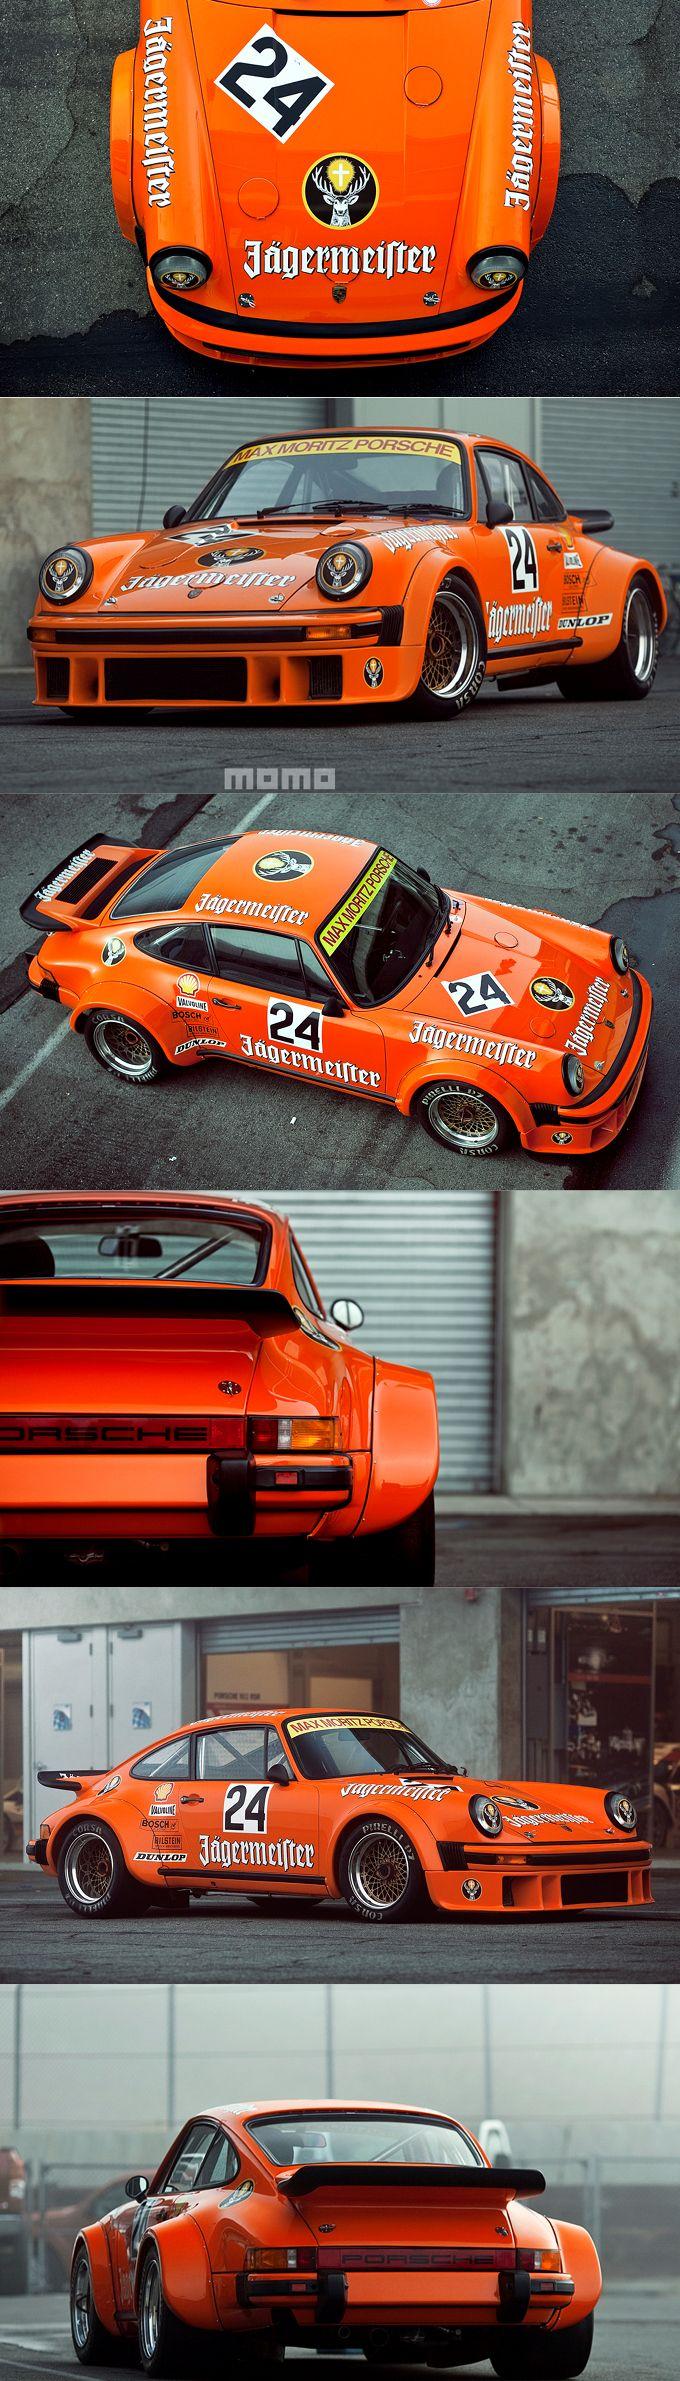 1976 Porsche 934 Jagermeister / orange / Jägermeister liveries / group 4 / Germany / www.stanceworks.com ...repinned für Gewinner! - jetzt gratis Erfolgsratgeber sichern www.ratsucher.de